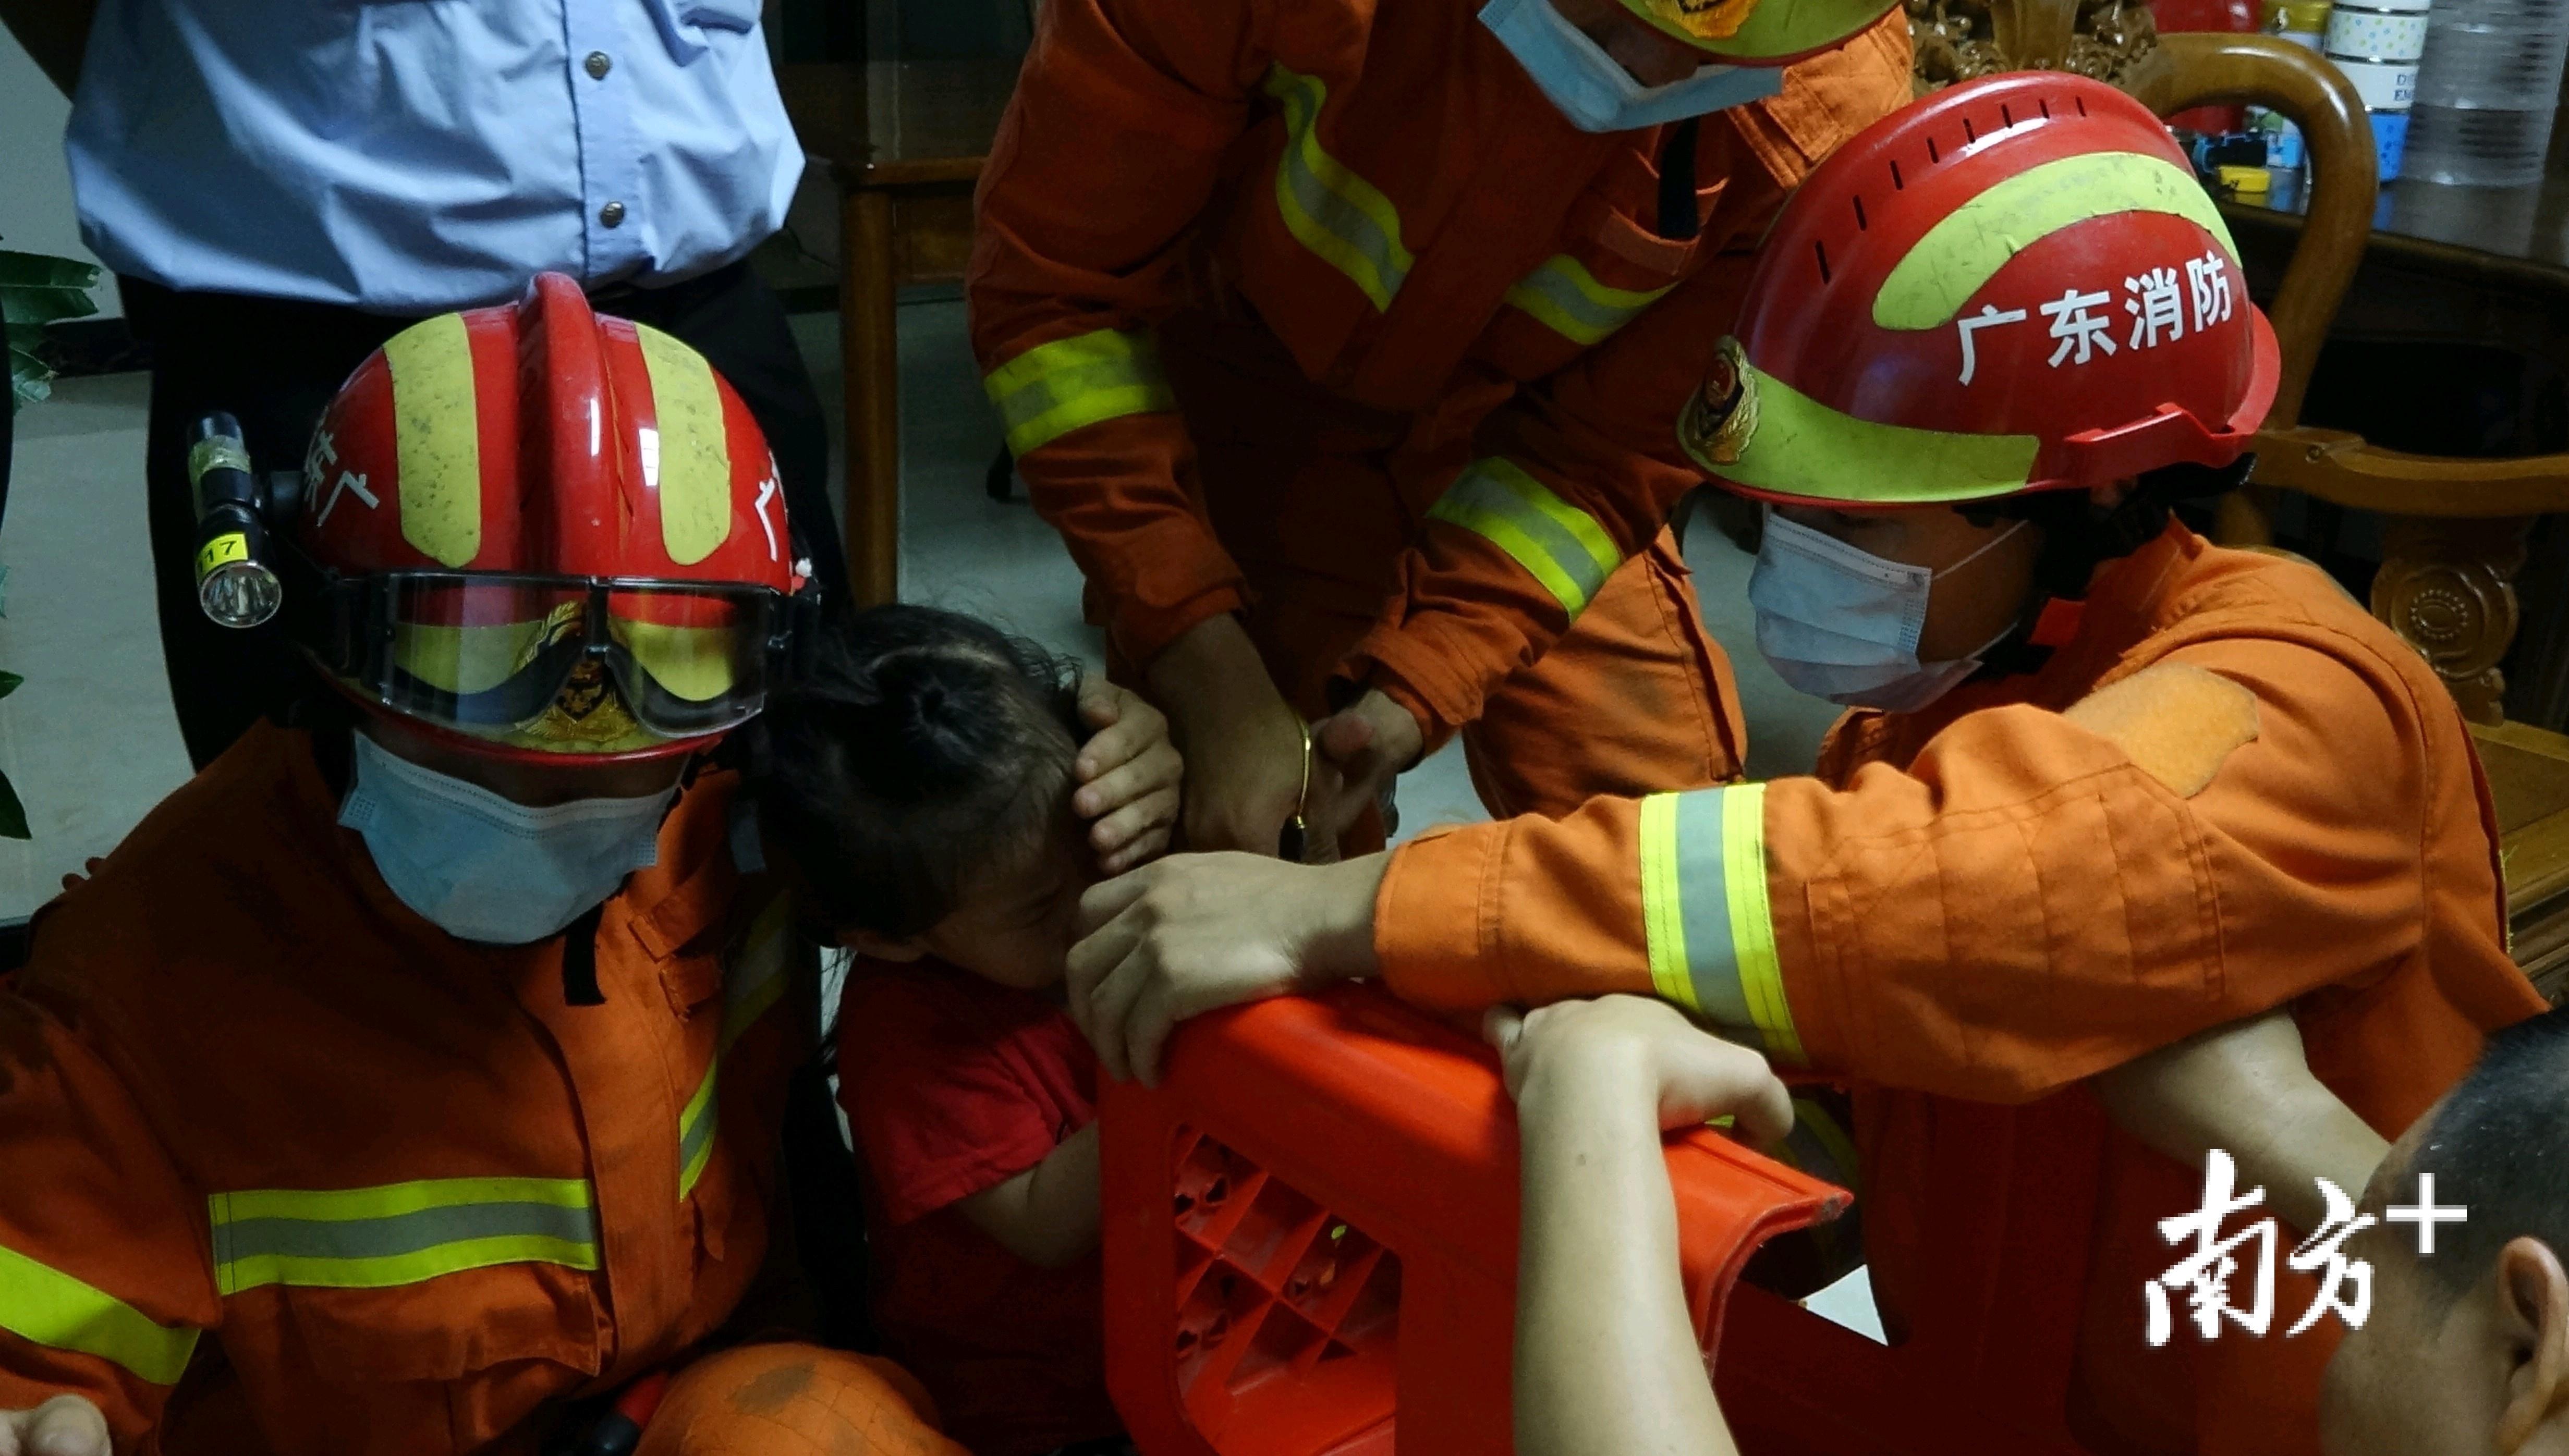 经过近10分钟的努力,消防员成功将小女孩的手指从塑料凳孔洞中取出。